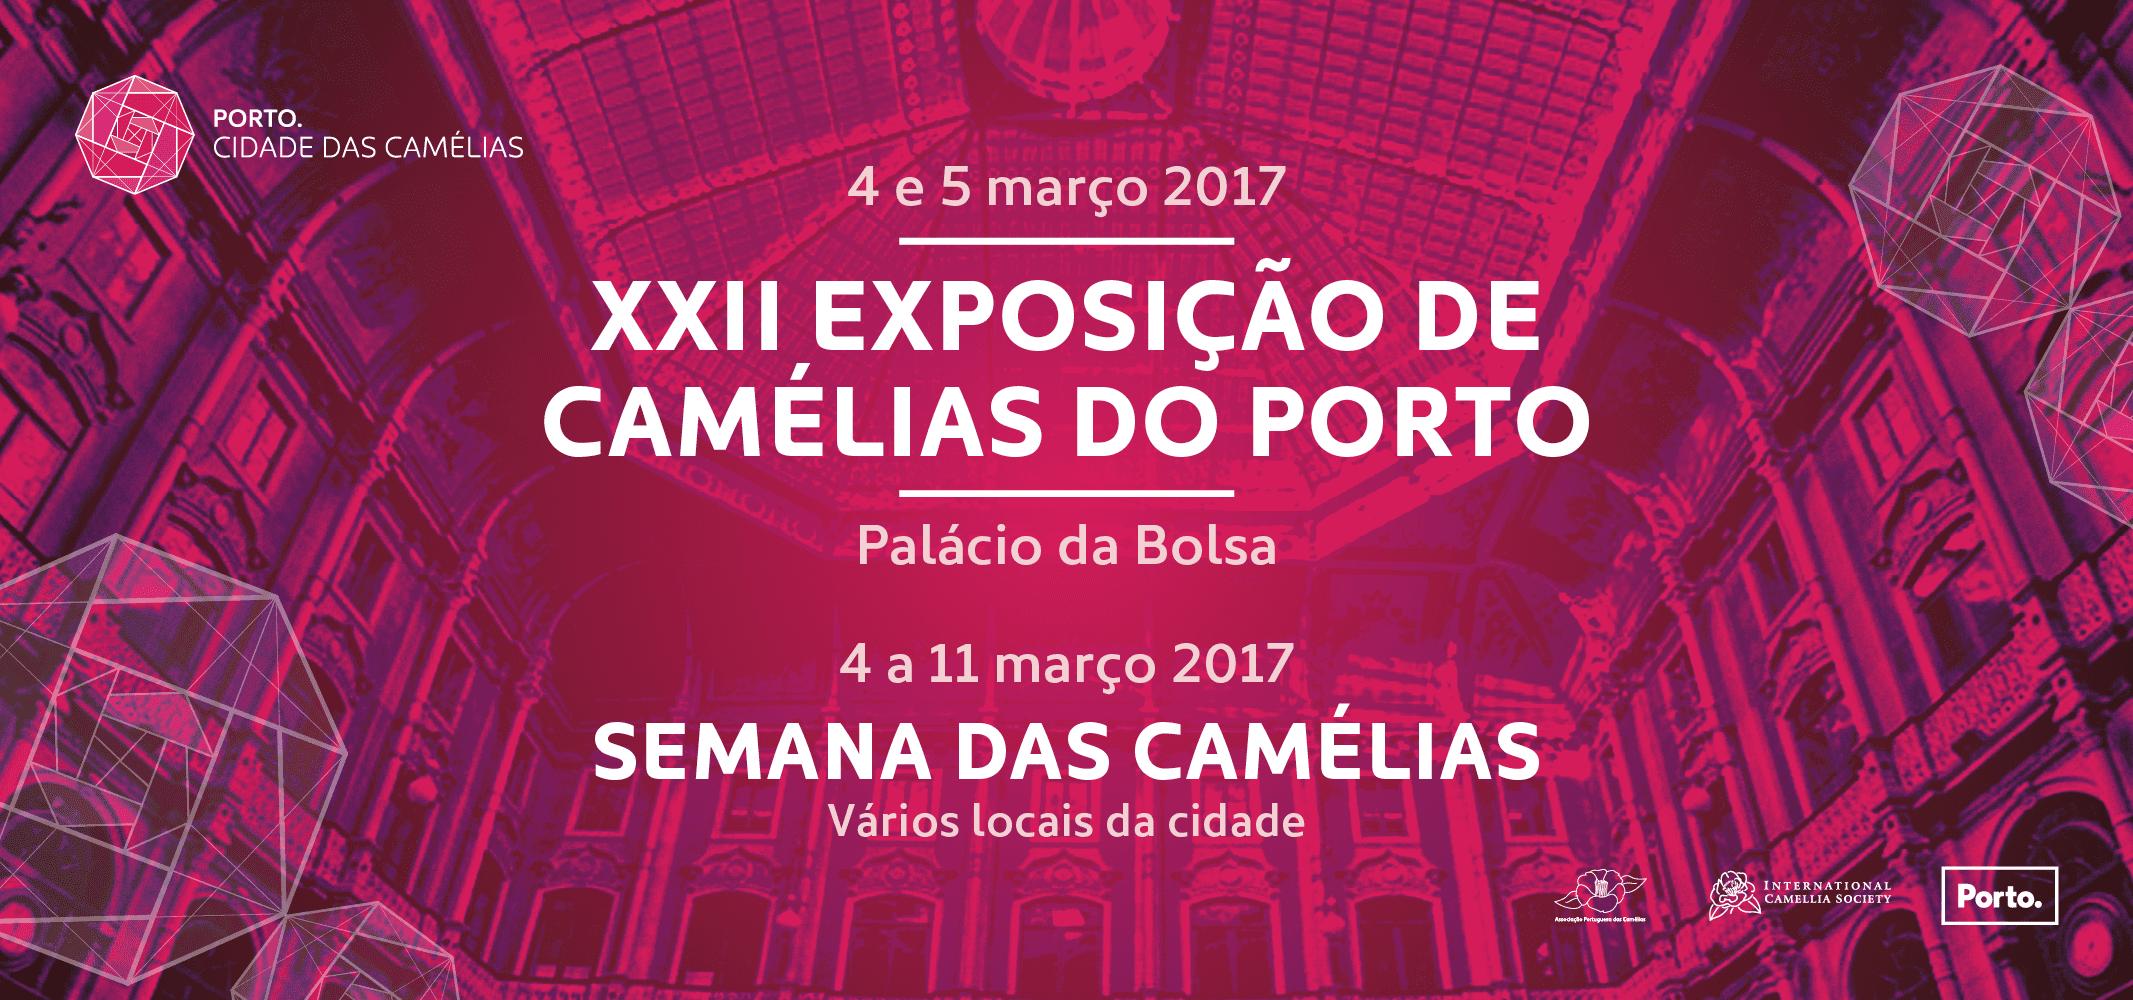 Semana das Camélias: ilustração, teatro de sombras e muito mais!